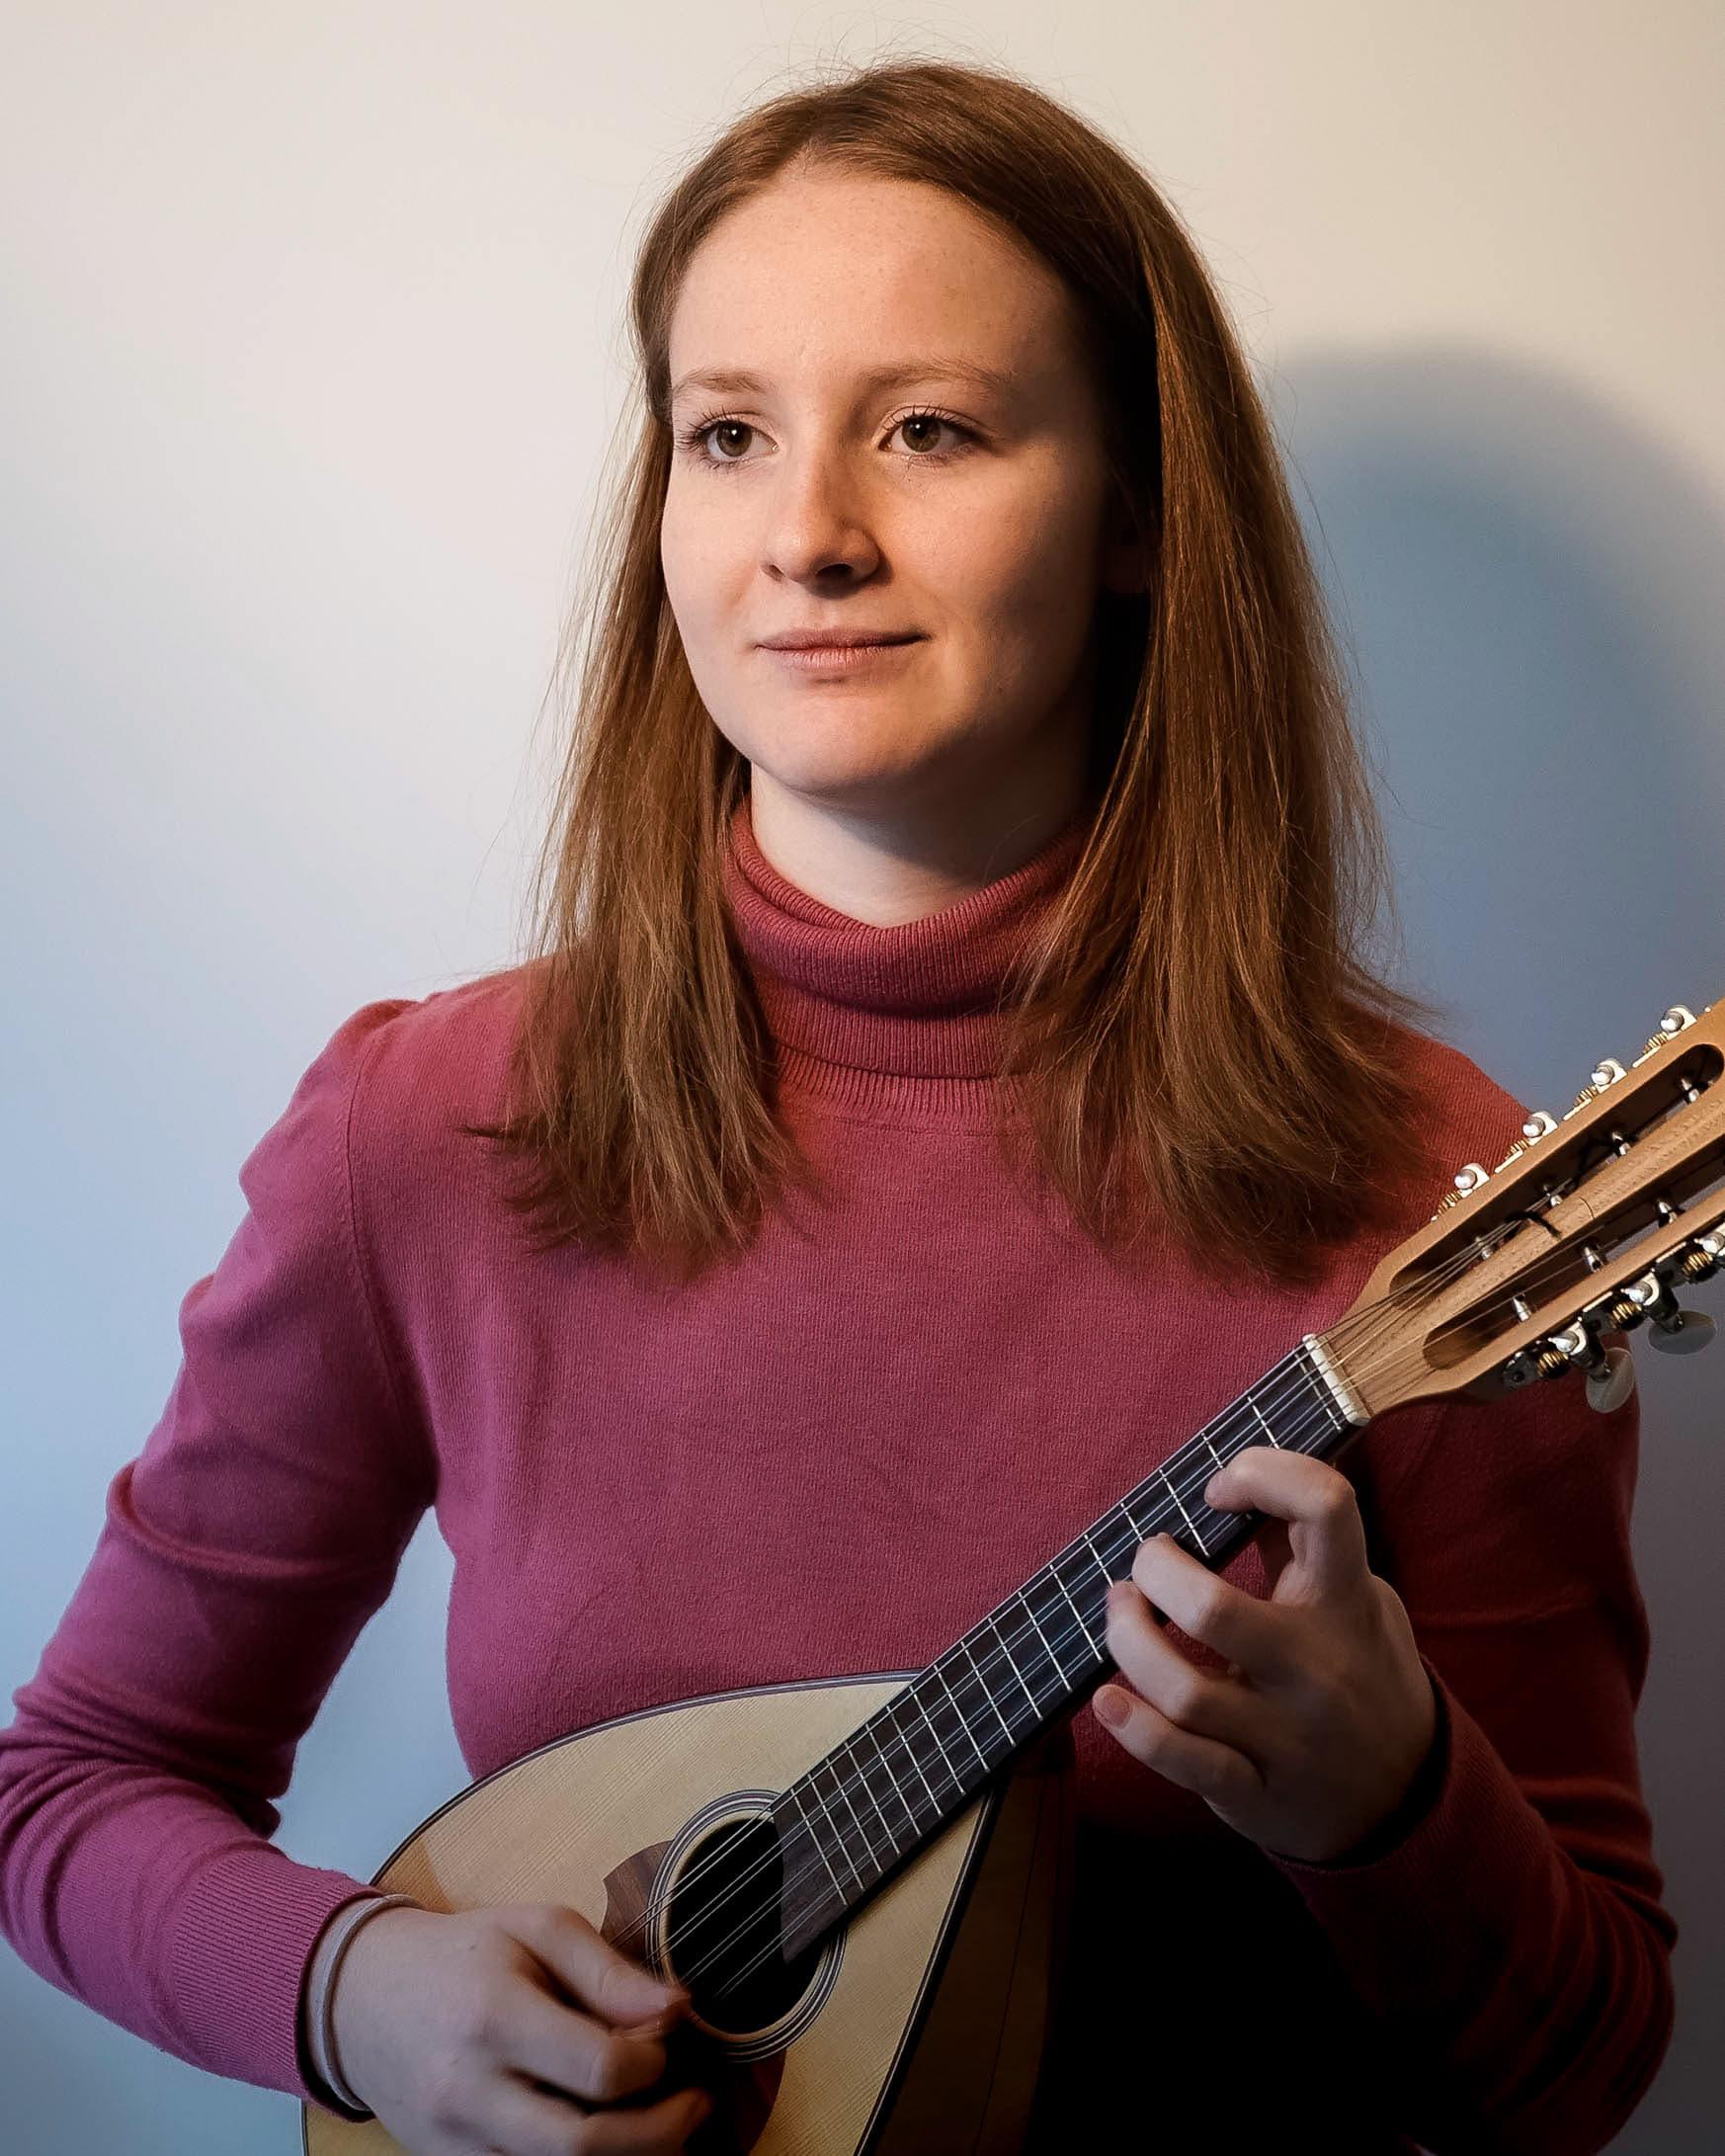 Charlotte Leemans